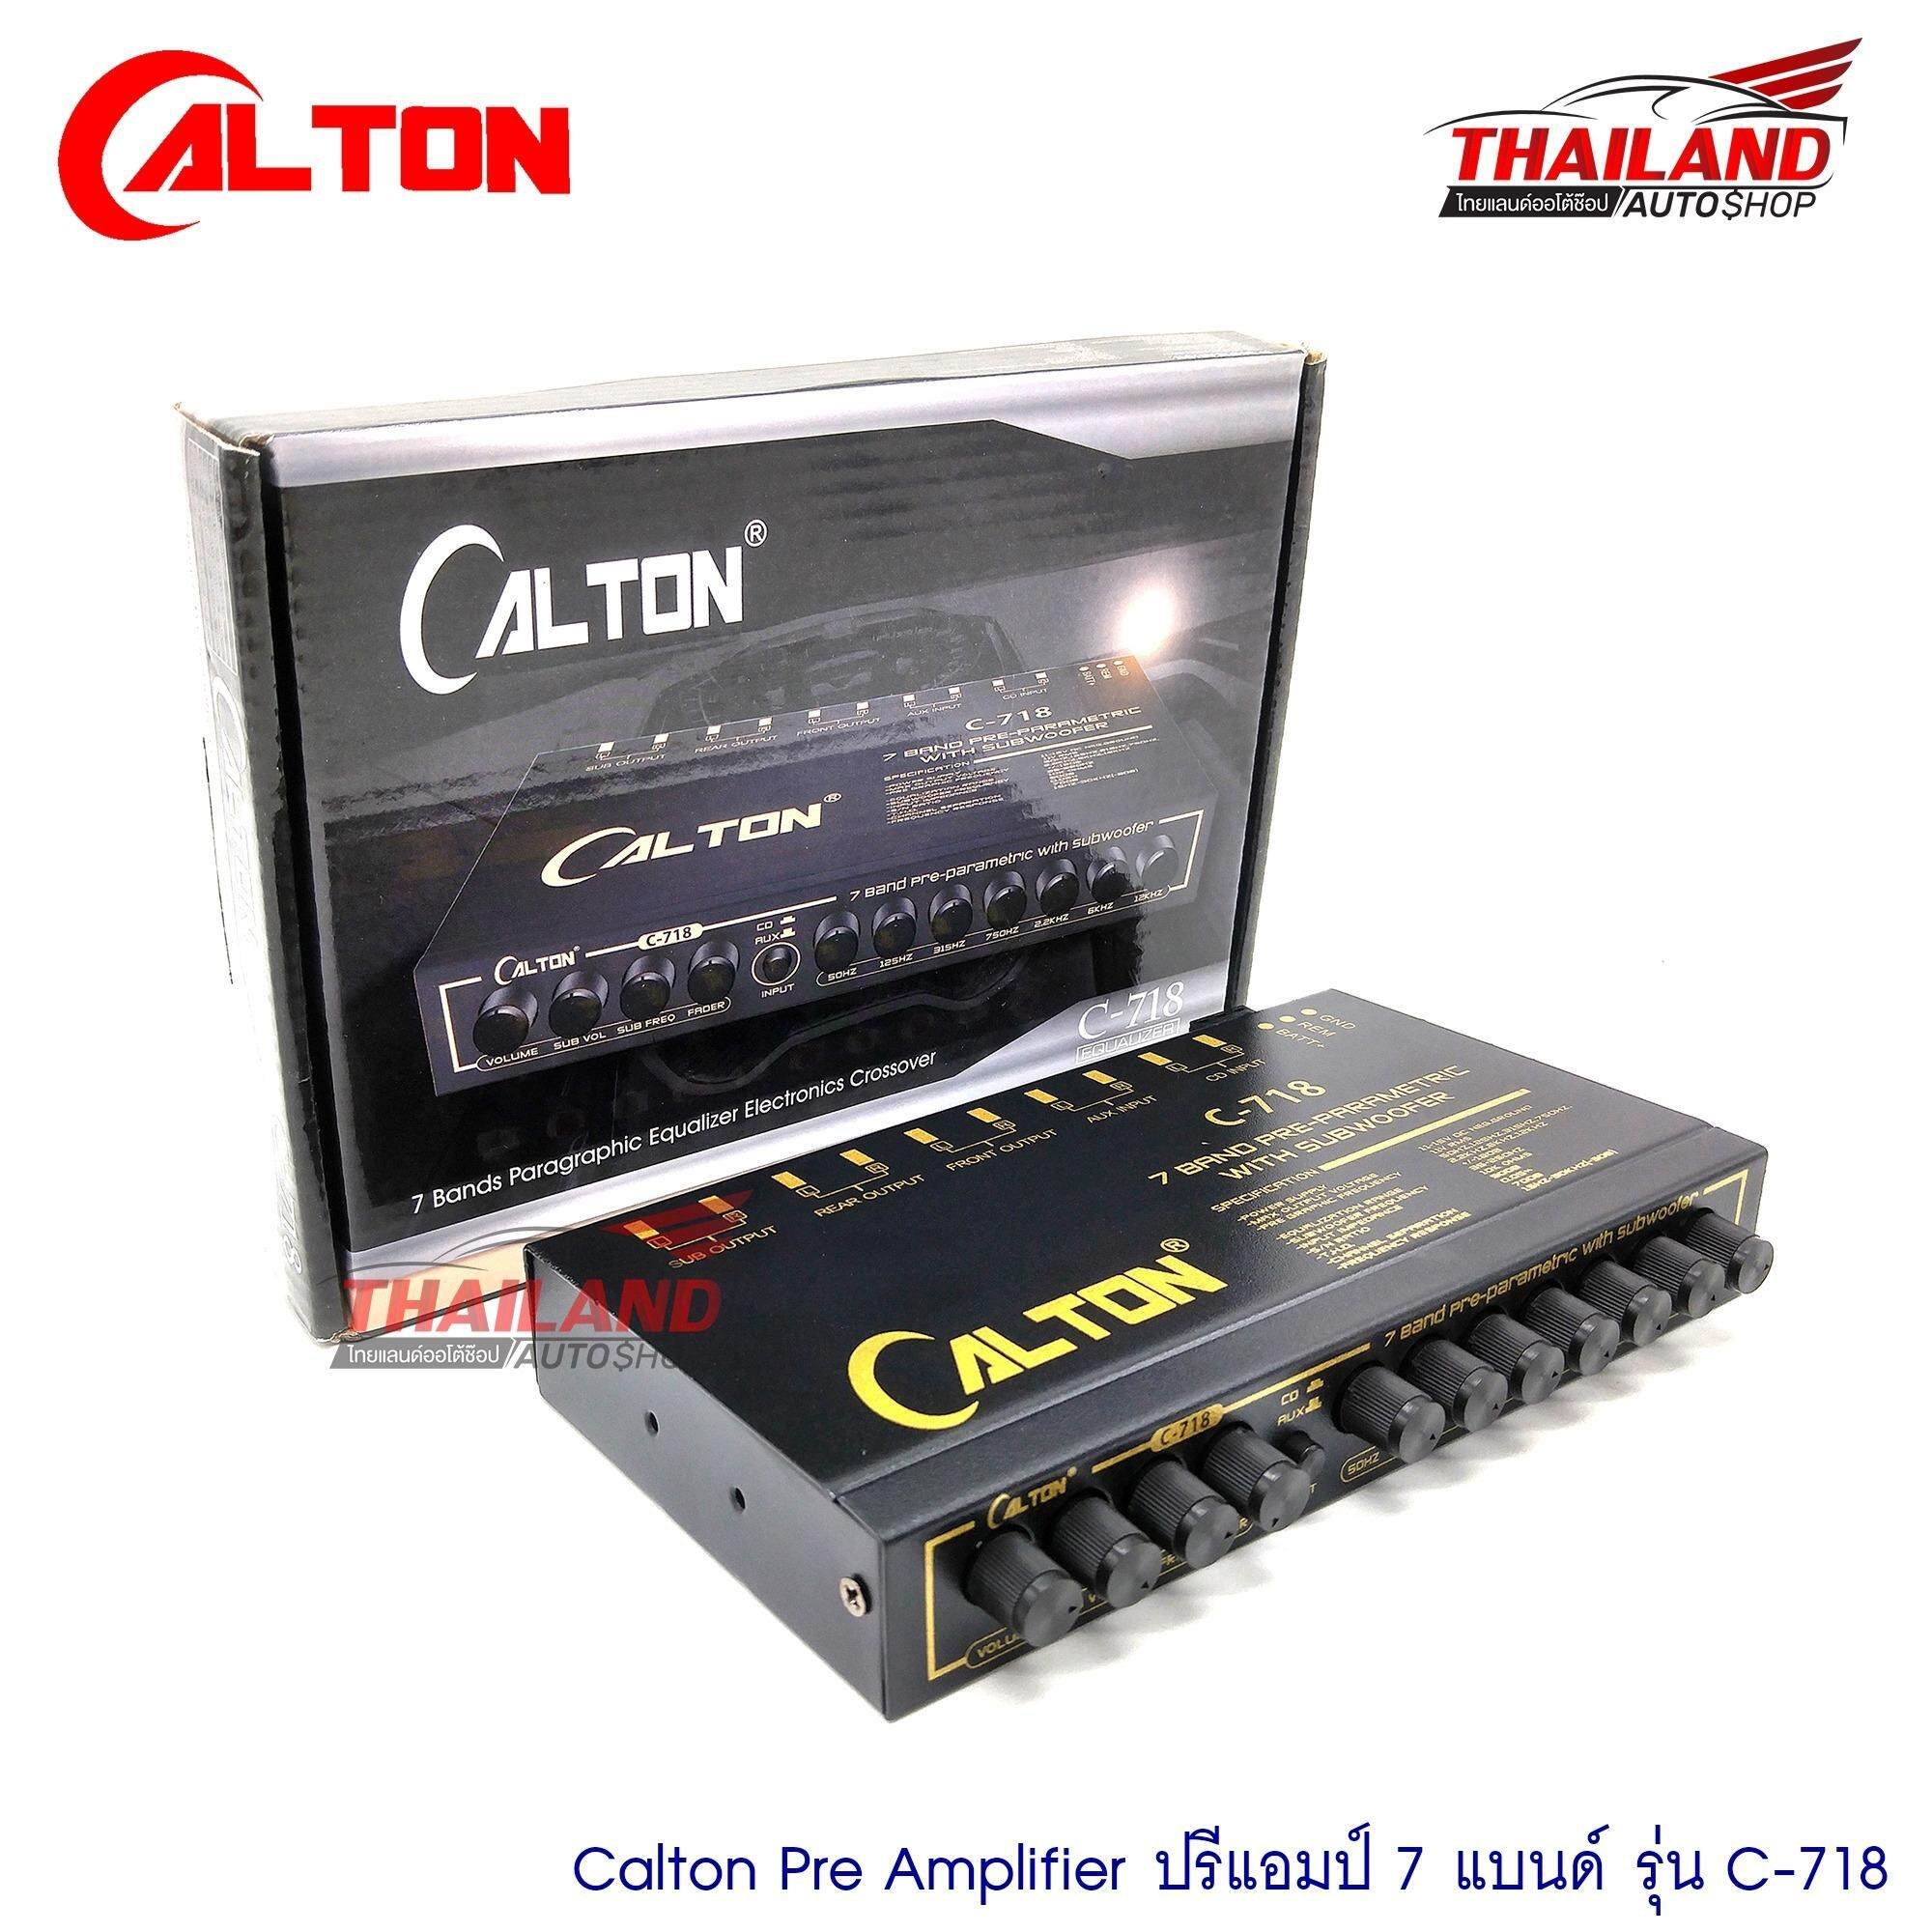 ราคา Thailand Calton Pre Amplifier ปรีแอมป์ 7 แบนด์ รุ่น C 718 Unbranded Generic